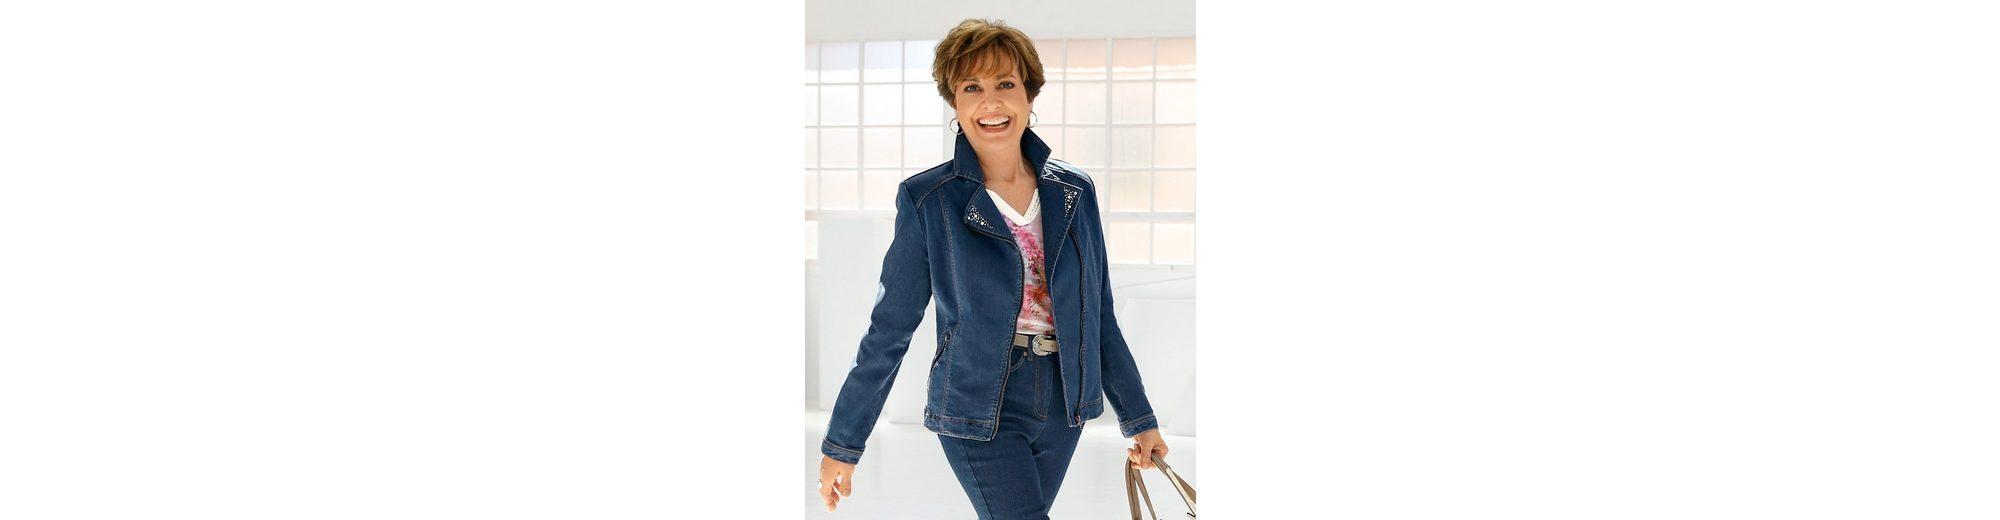 Meistverkauft Paola Jeansjacke mit Zierplättchen besetzt Spielraum Günstig Online Echt Ziellinie Kauf Zum Verkauf cAIK6i